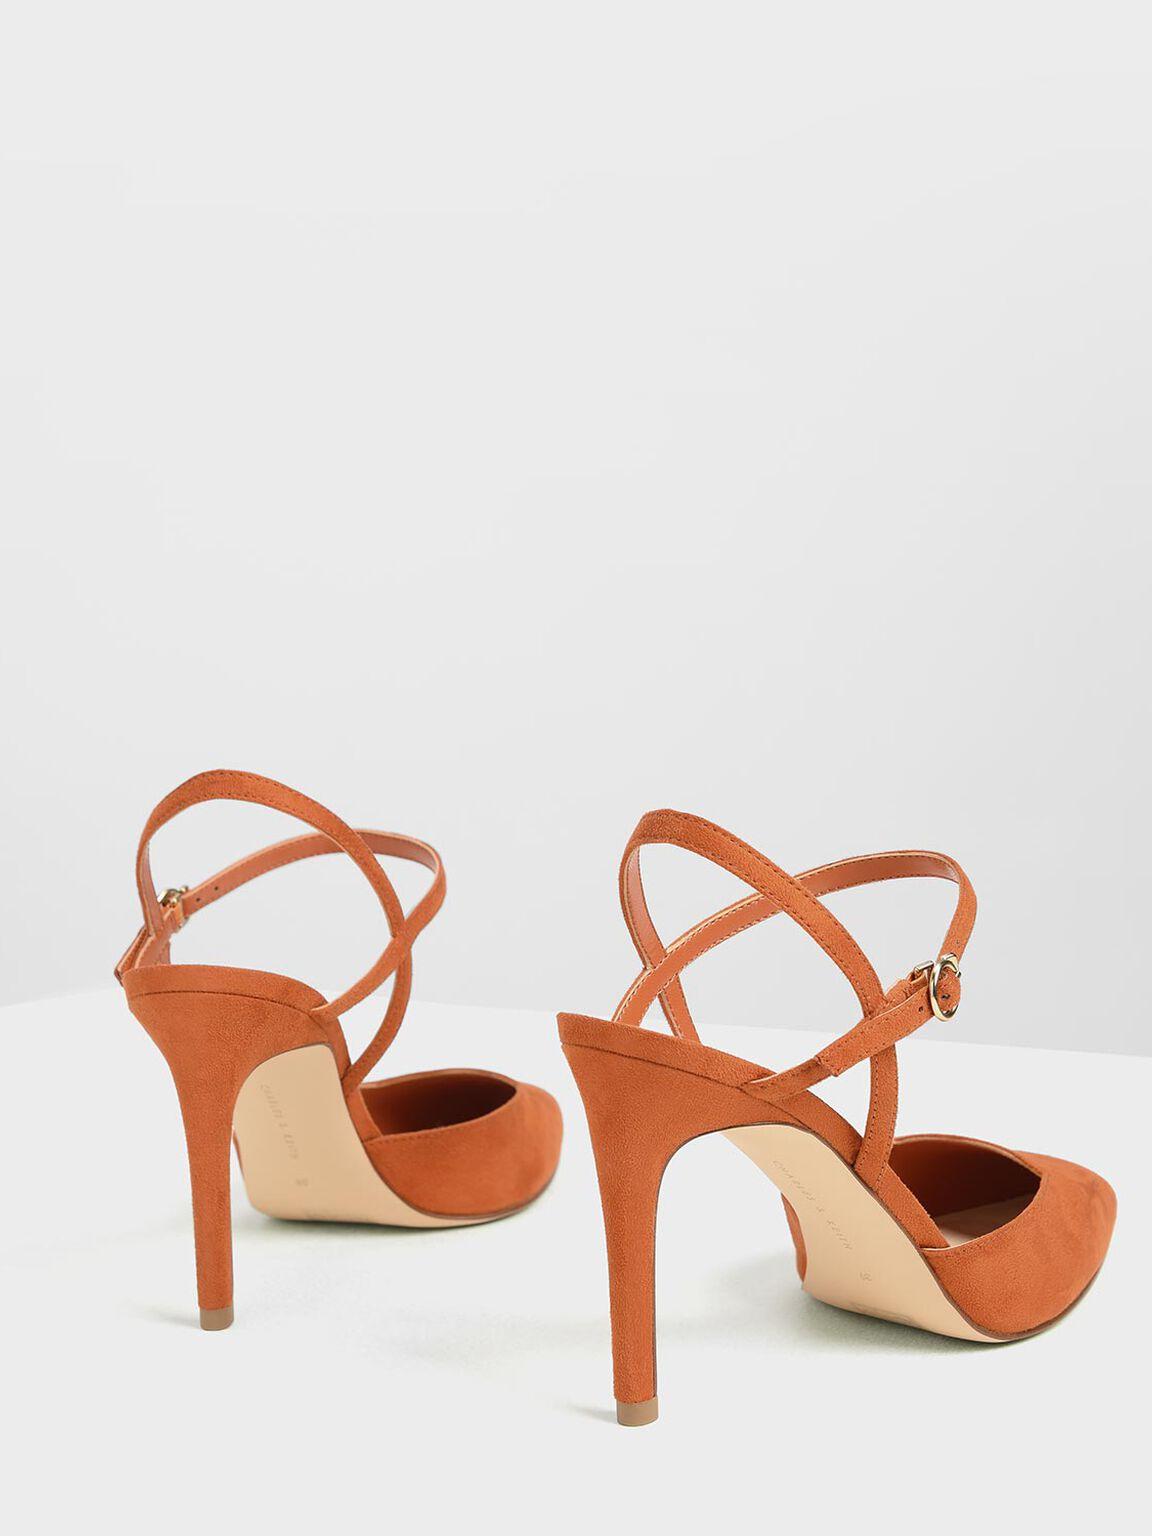 Ankle Strap Covered Heels, Orange, hi-res